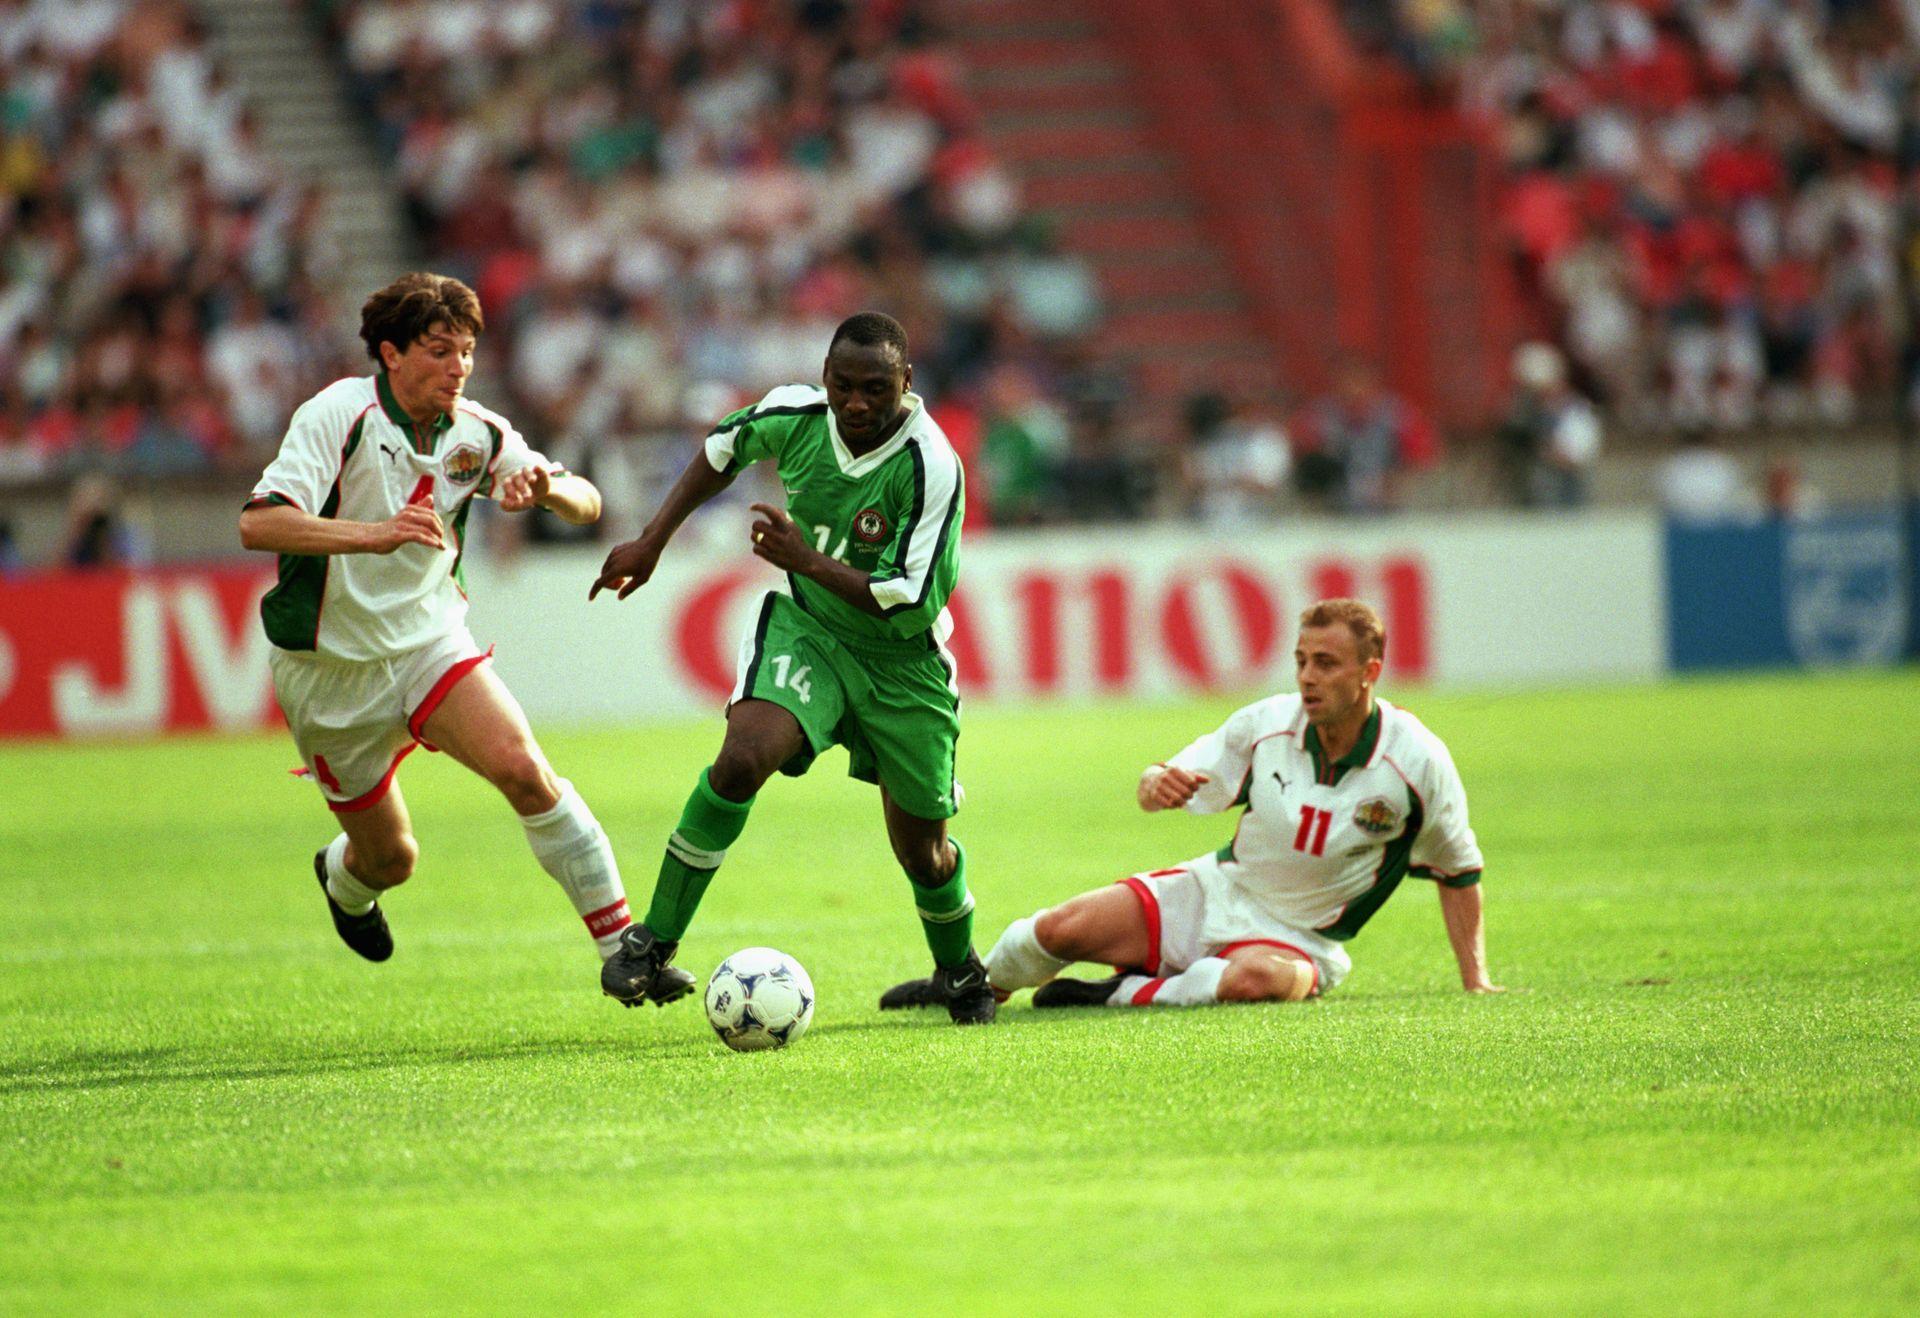 Ивайло Петков и Илиан Илиев в момент от мача срещу Нигерия на Мондиал 1998.